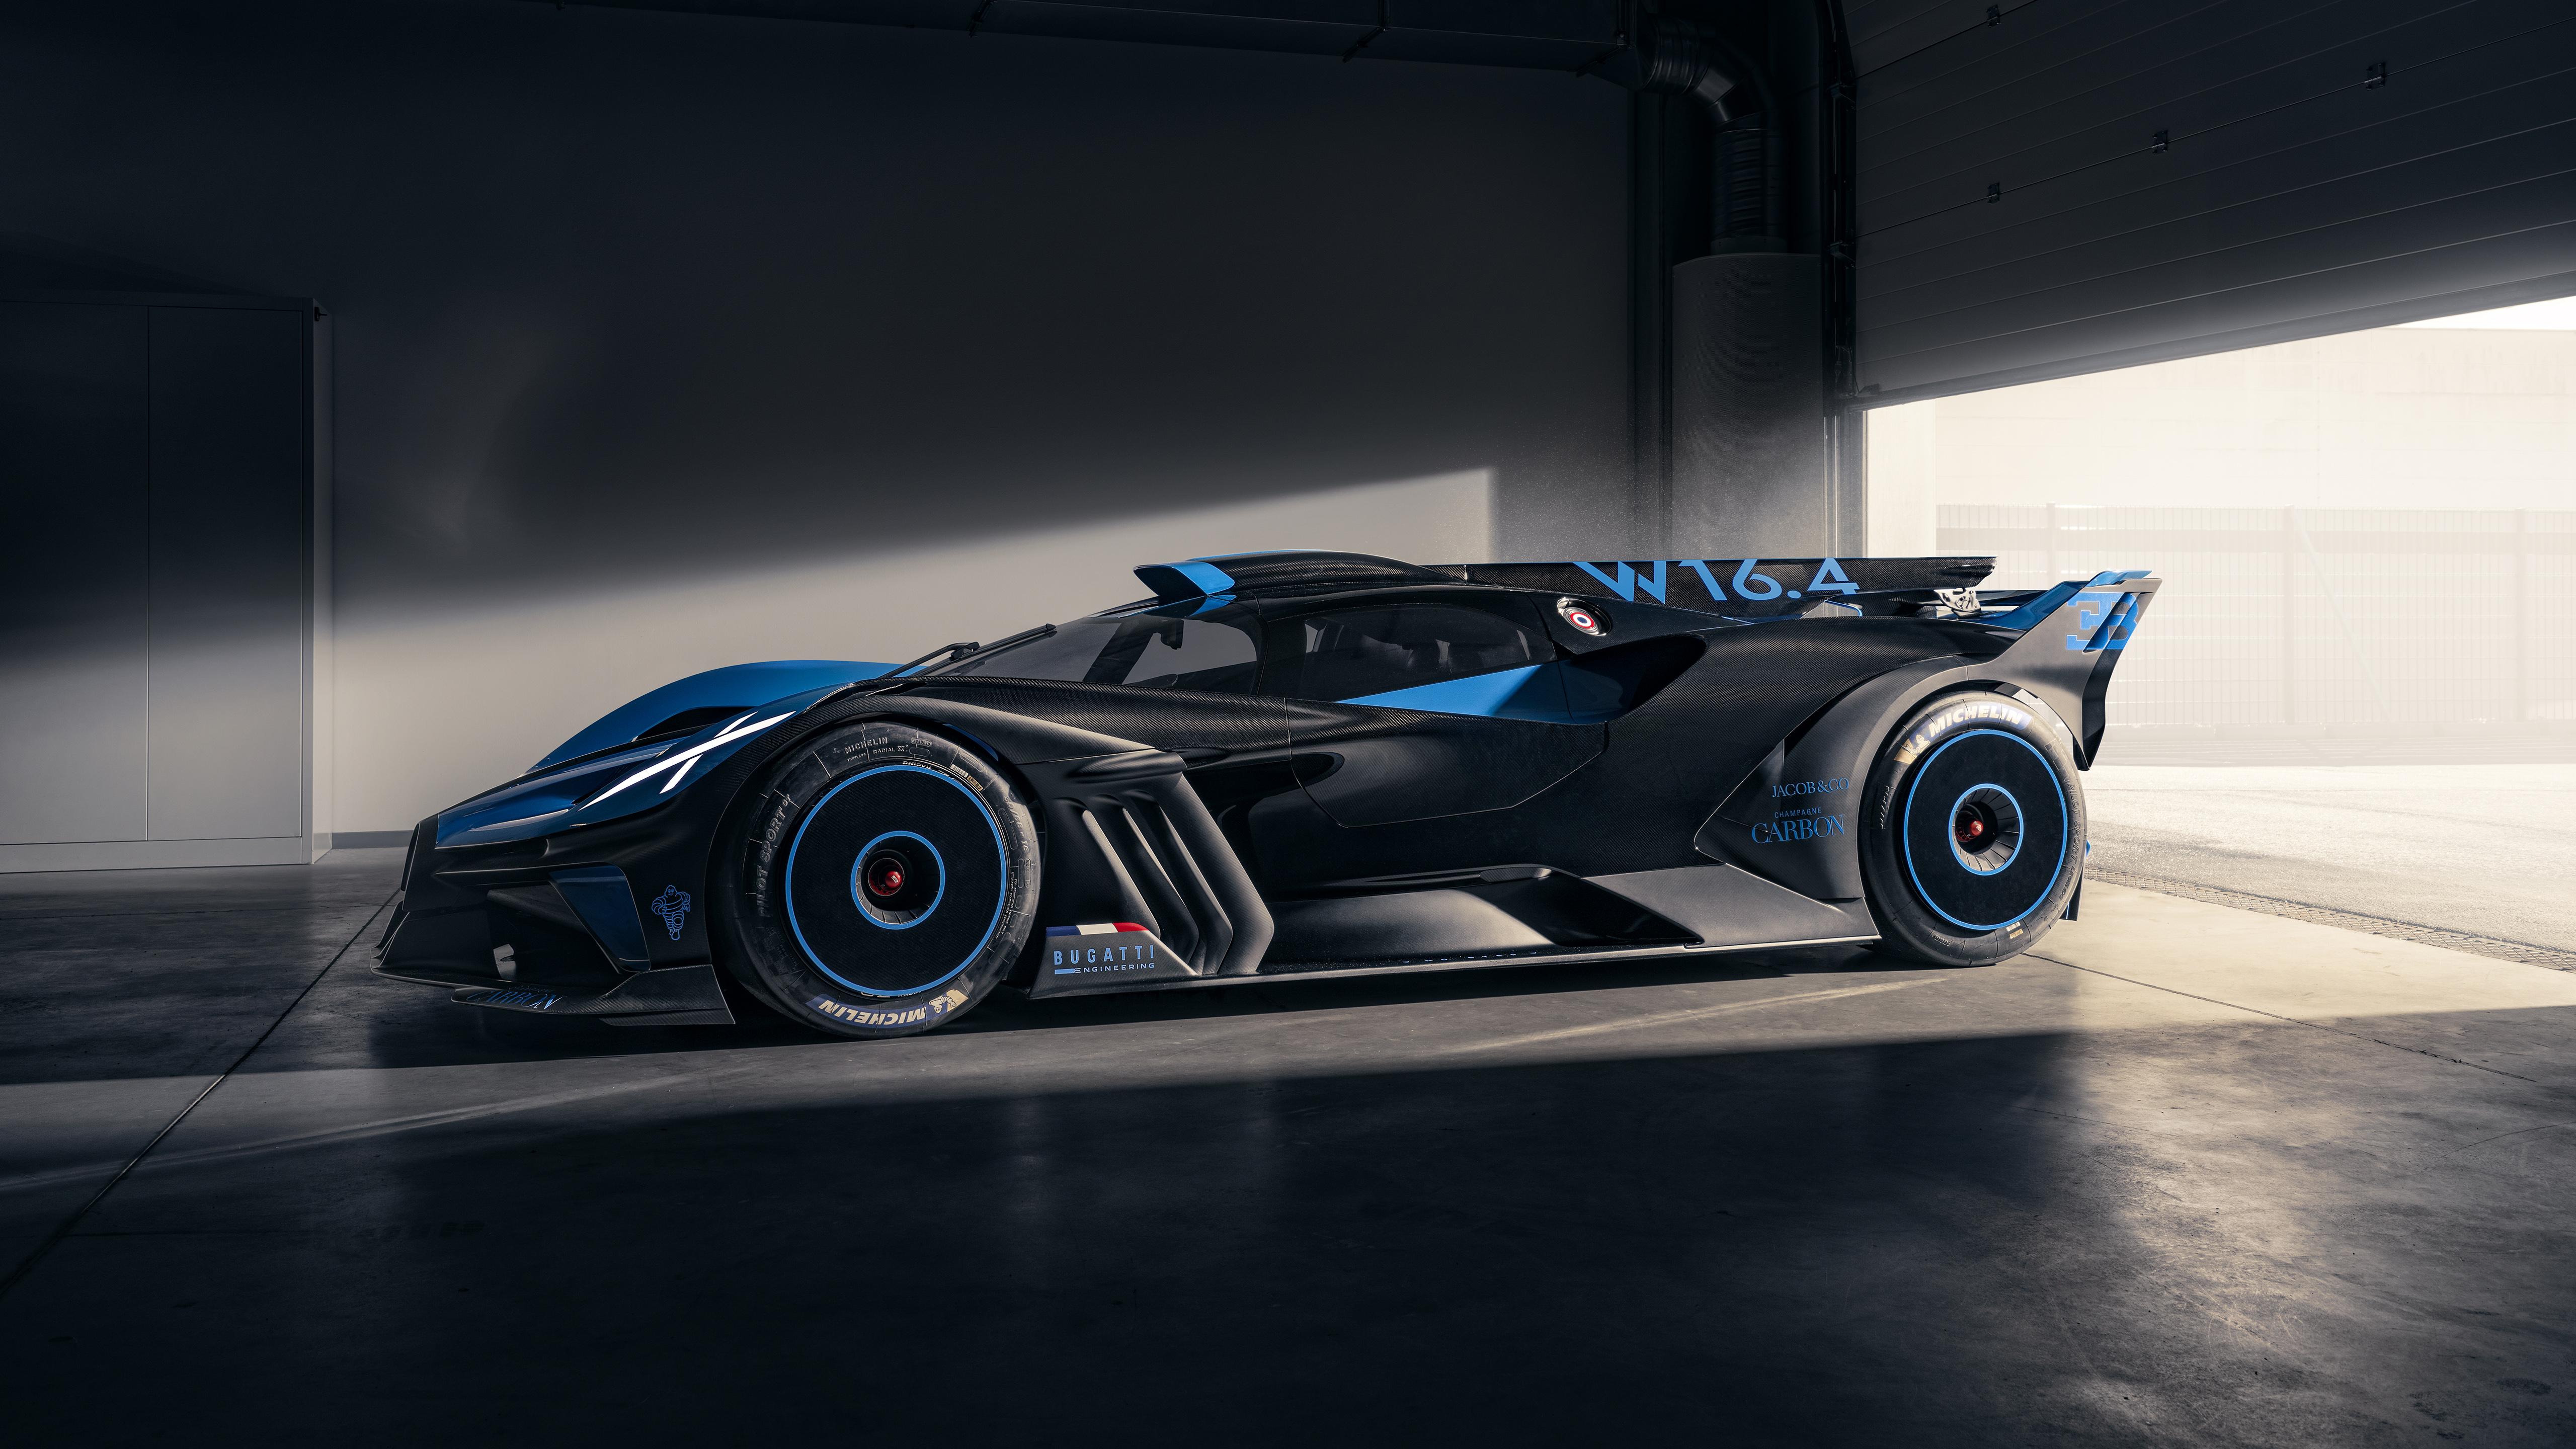 bugatti bolide 2021 4k 1608916861 - Bugatti Bolide 2021 4k - Bugatti Bolide 2021 4k wallpapers